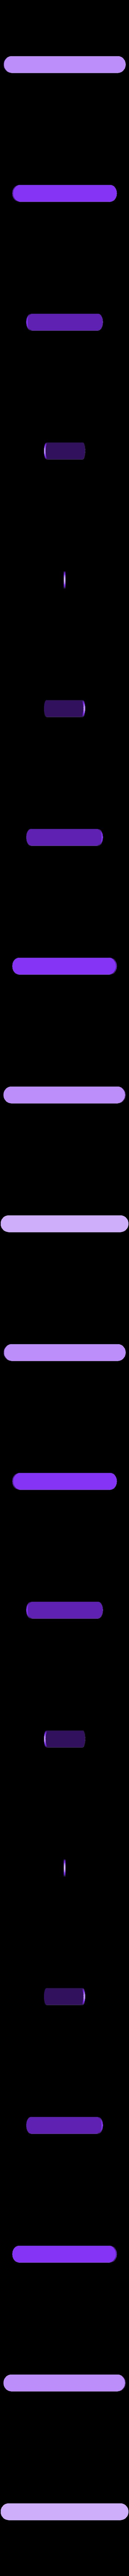 Blank_Bookmark.stl Télécharger fichier STL gratuit Signet Gyroïde • Design imprimable en 3D, plasticpasta